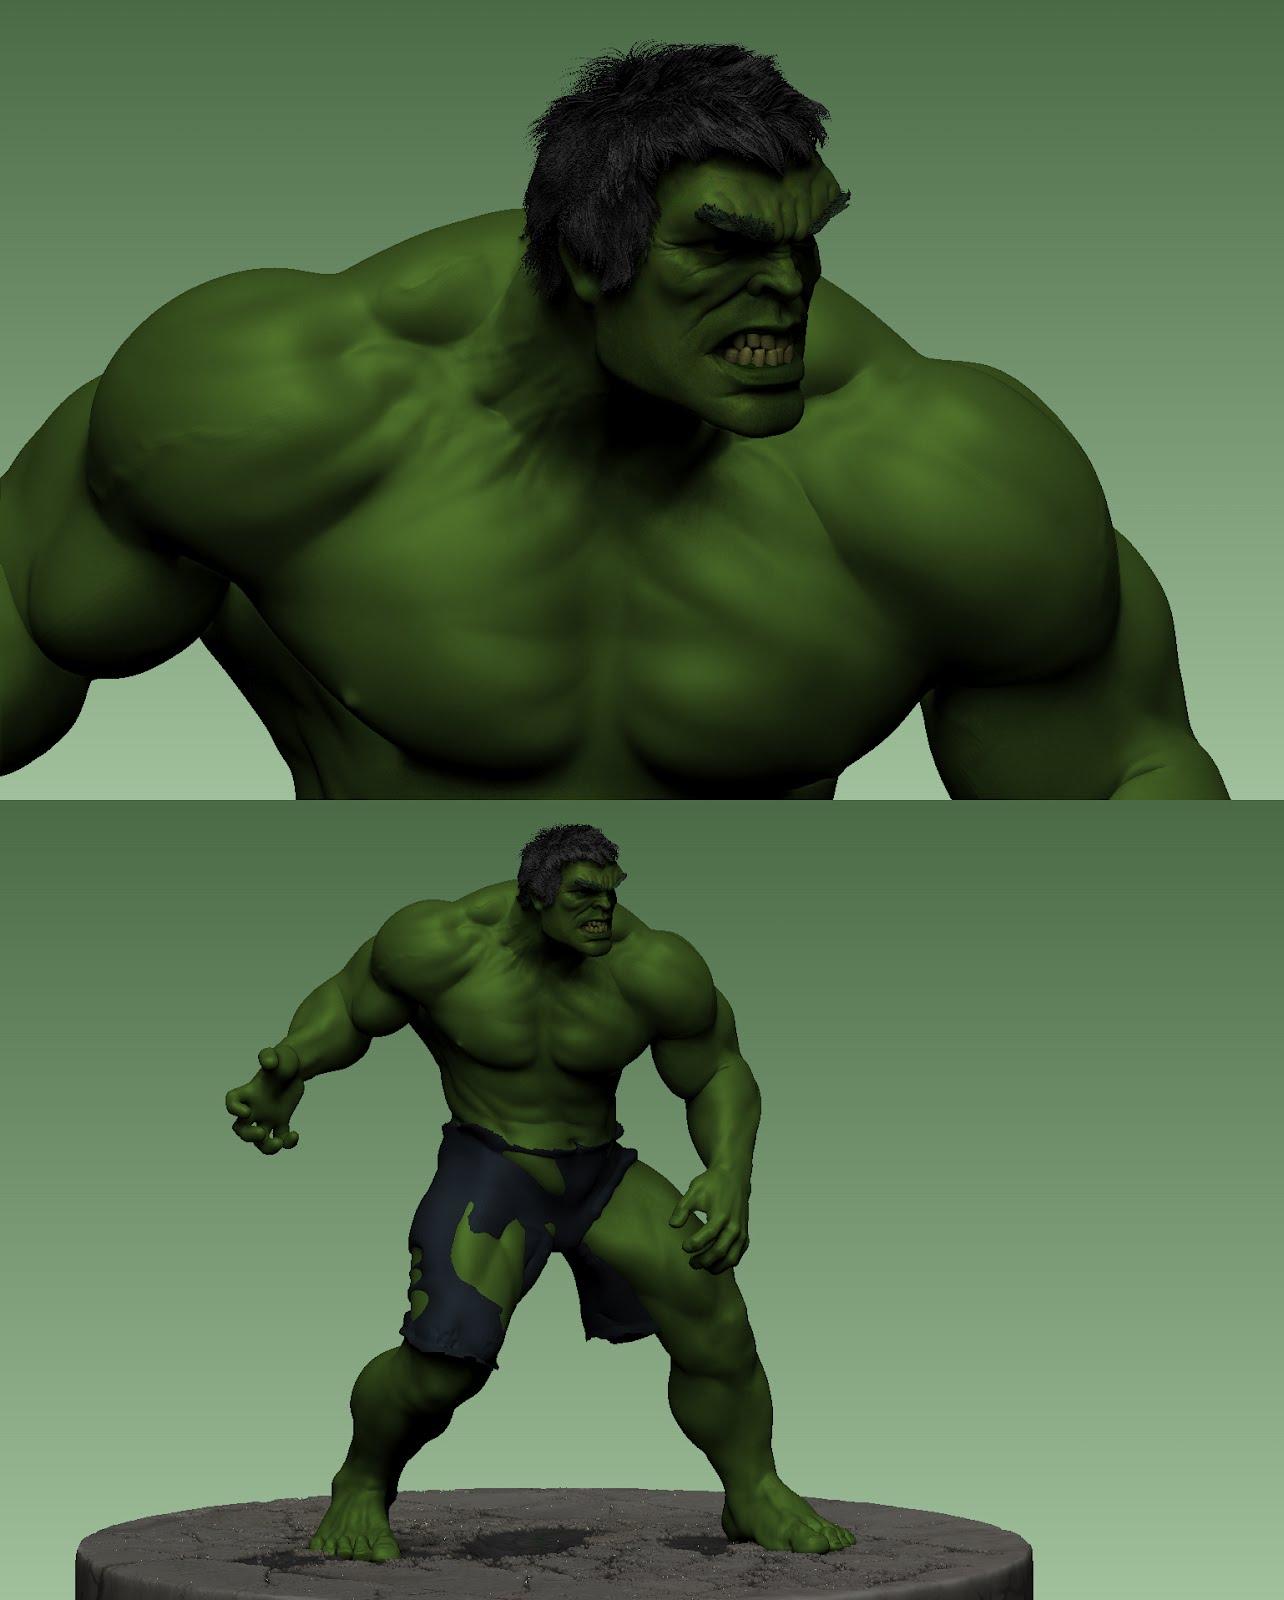 http://3.bp.blogspot.com/-eFYlyc_vjxc/T5XQVpvpdgI/AAAAAAAAB4k/zgl6uZZffFc/s1600/Hulk_Hair.jpg